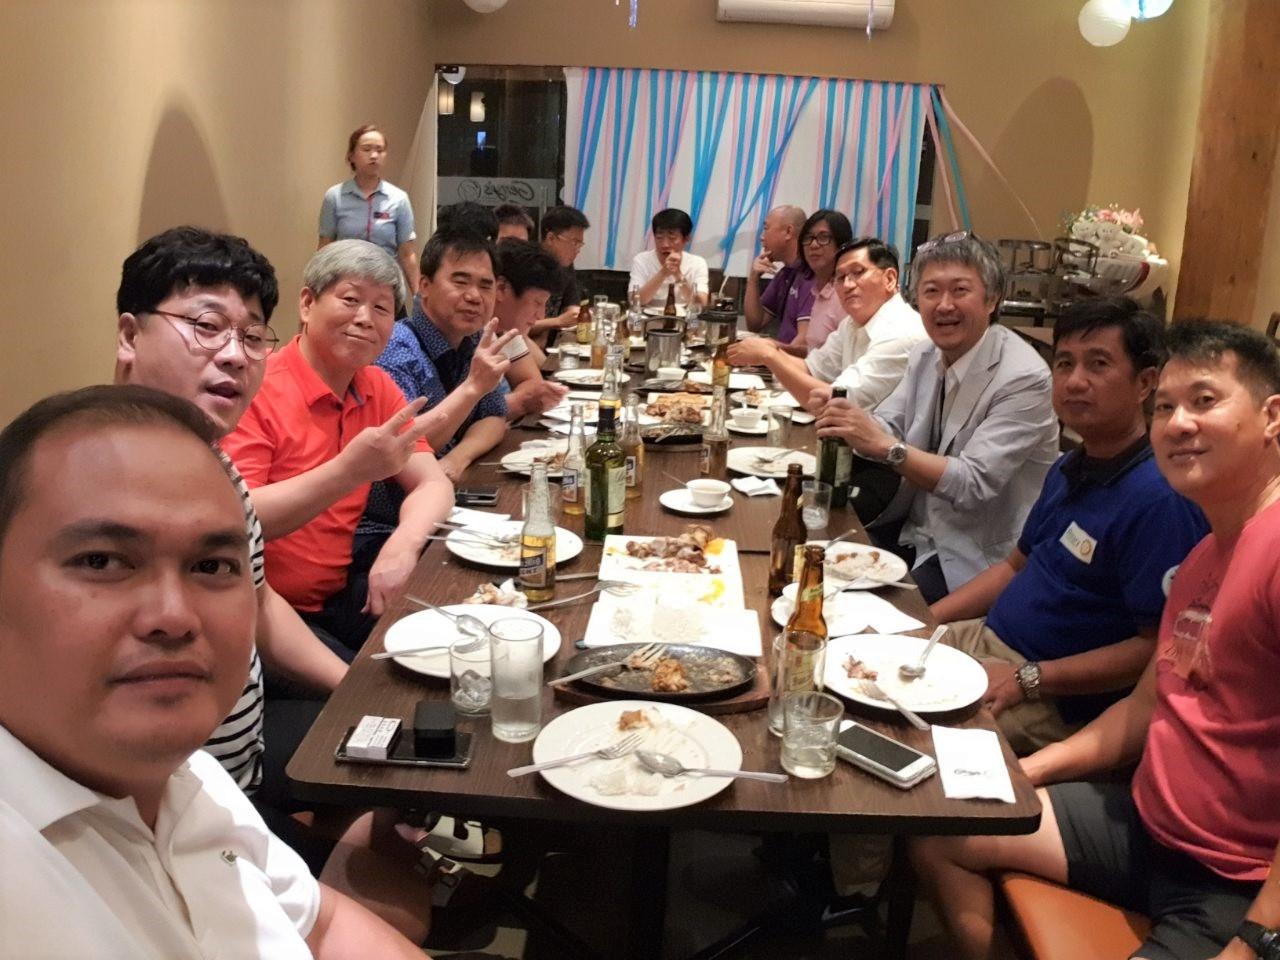 ロータリークラブの韓国人